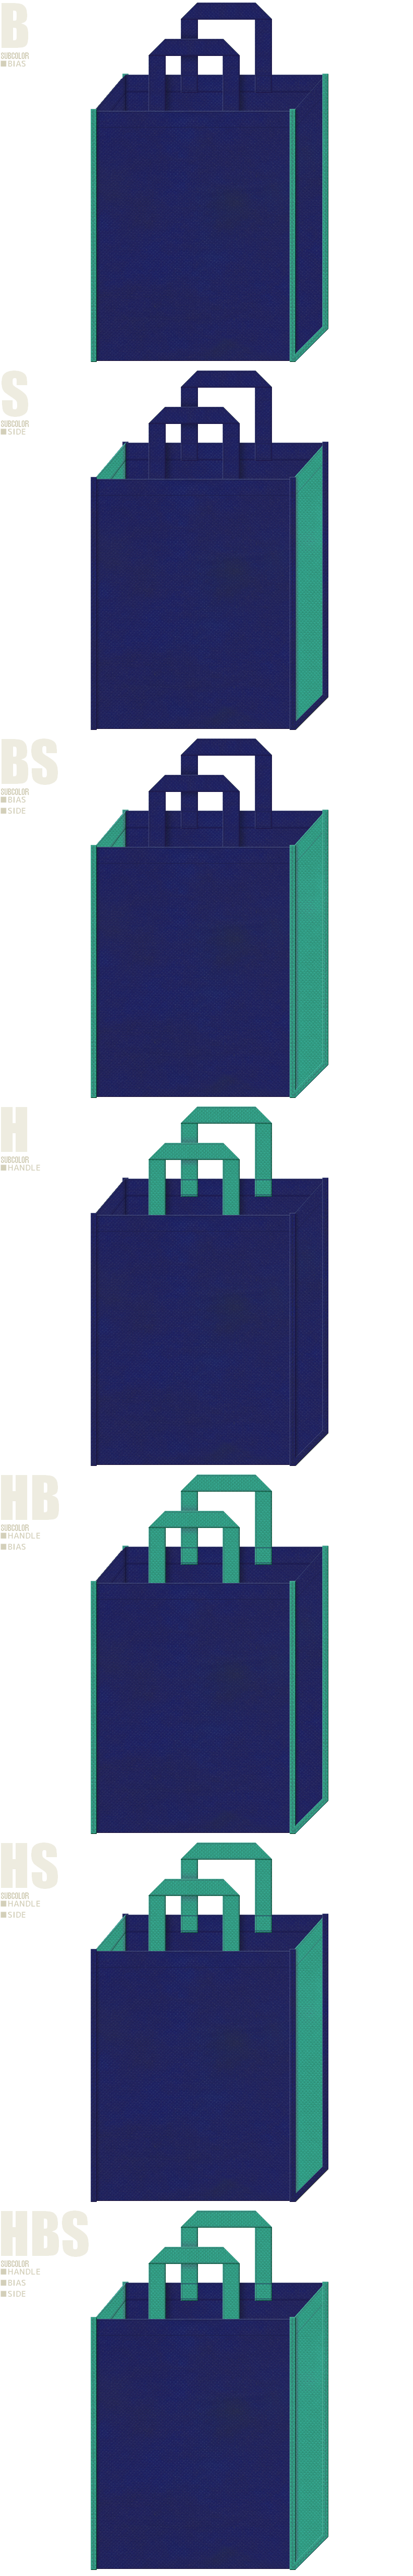 ダイビング用品の展示会用バッグにお奨めの、紺紫色と青緑色-7パターンの不織布トートバッグ配色デザイン例